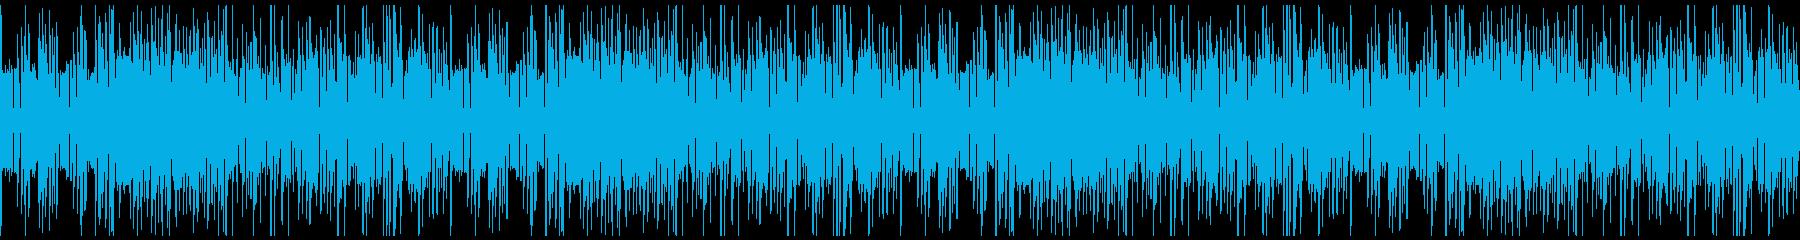 コミカルでほのぼのとしたおとぼけループの再生済みの波形